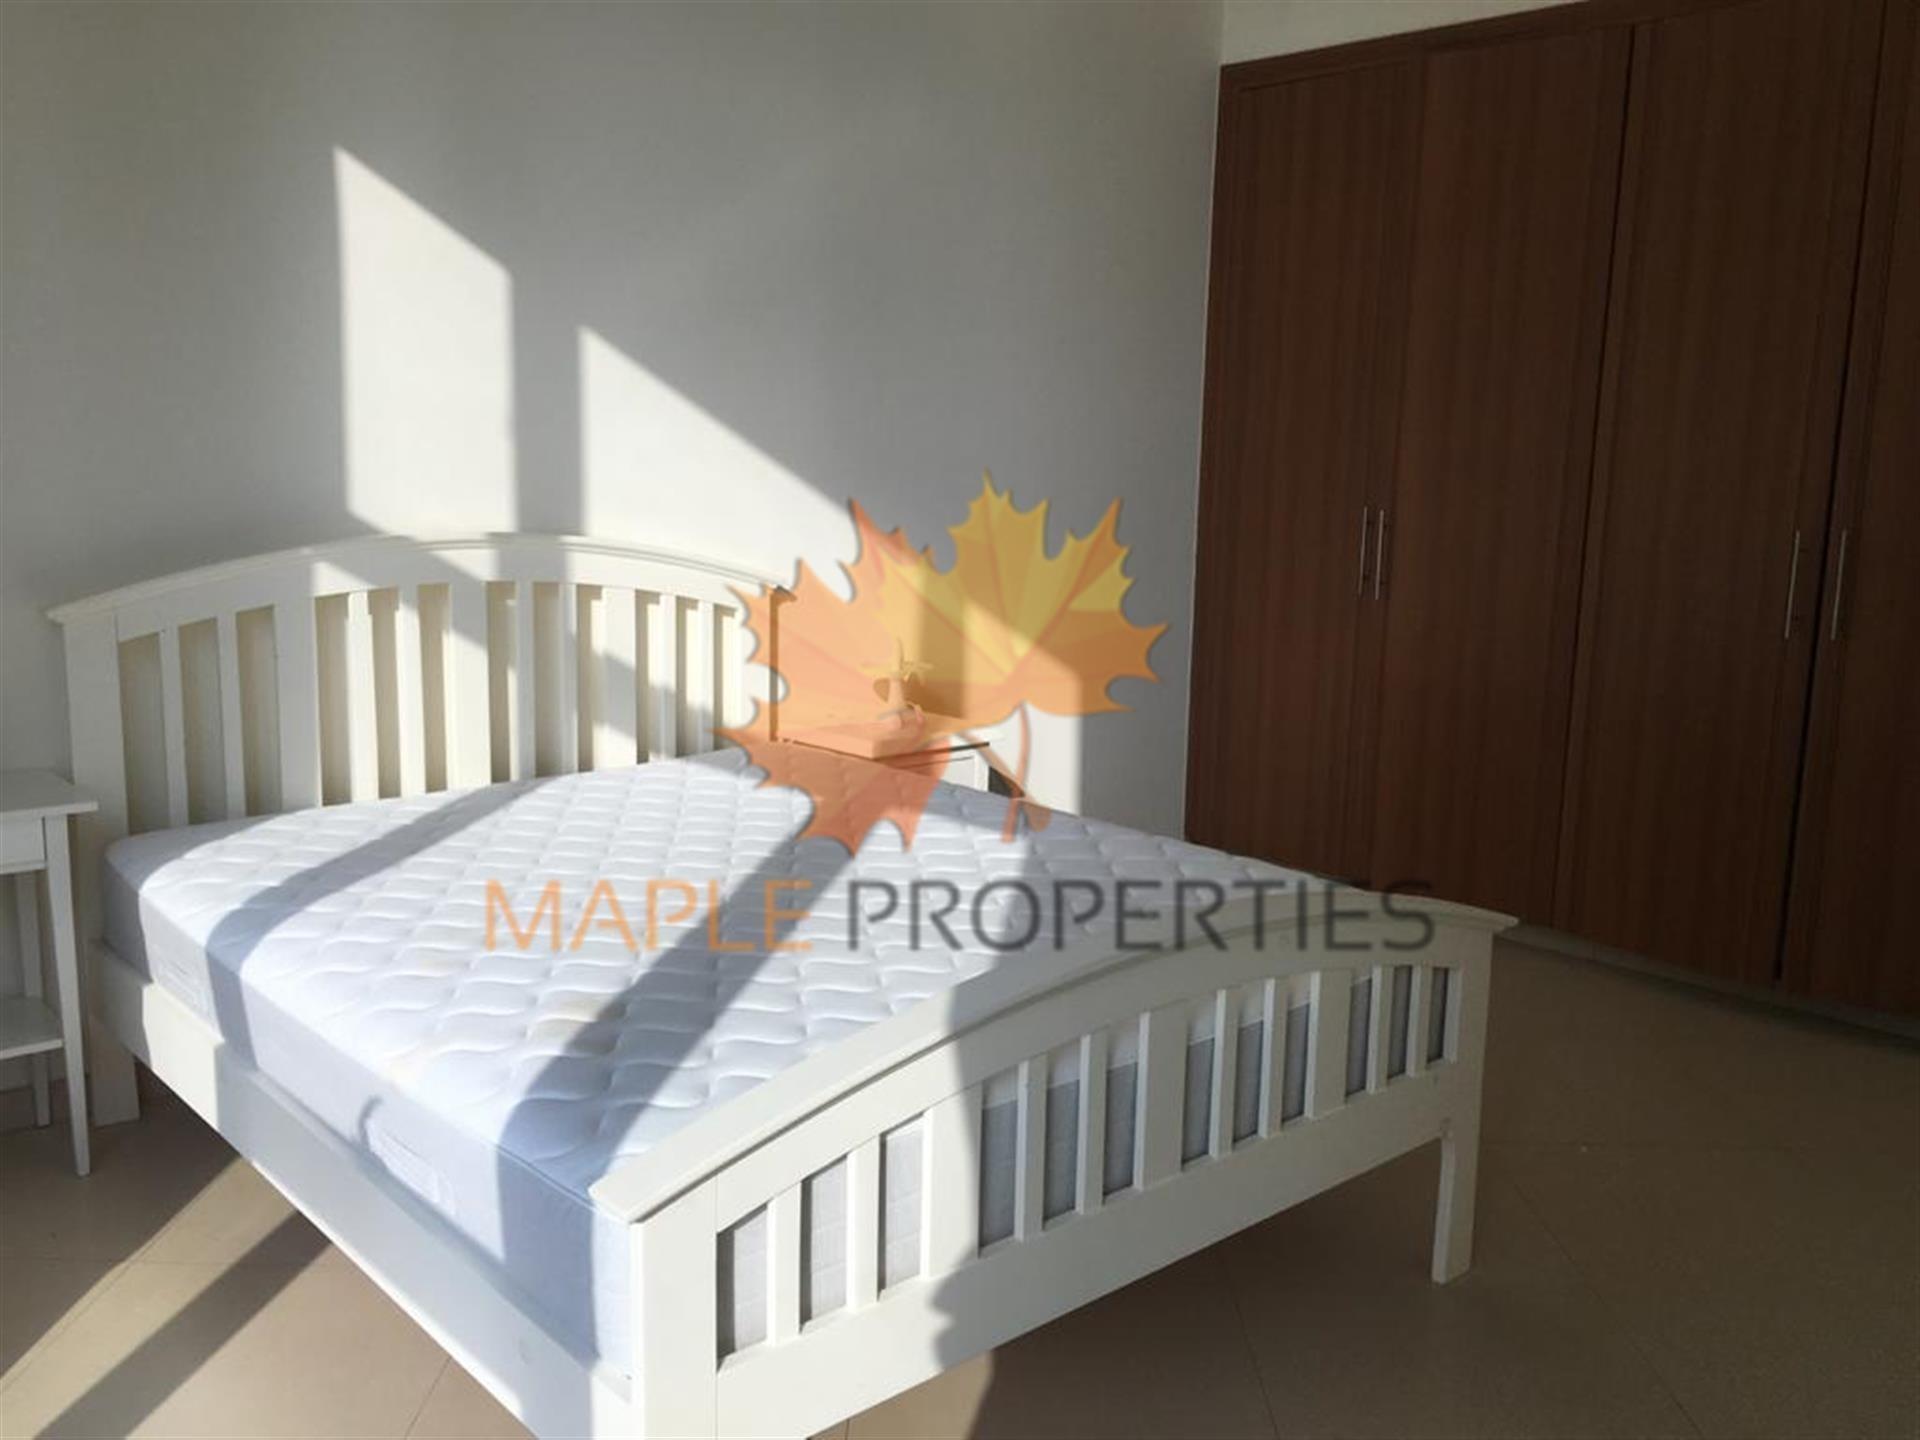 Big 3BR For Rent |Marina & Sea View| Dorra Bay